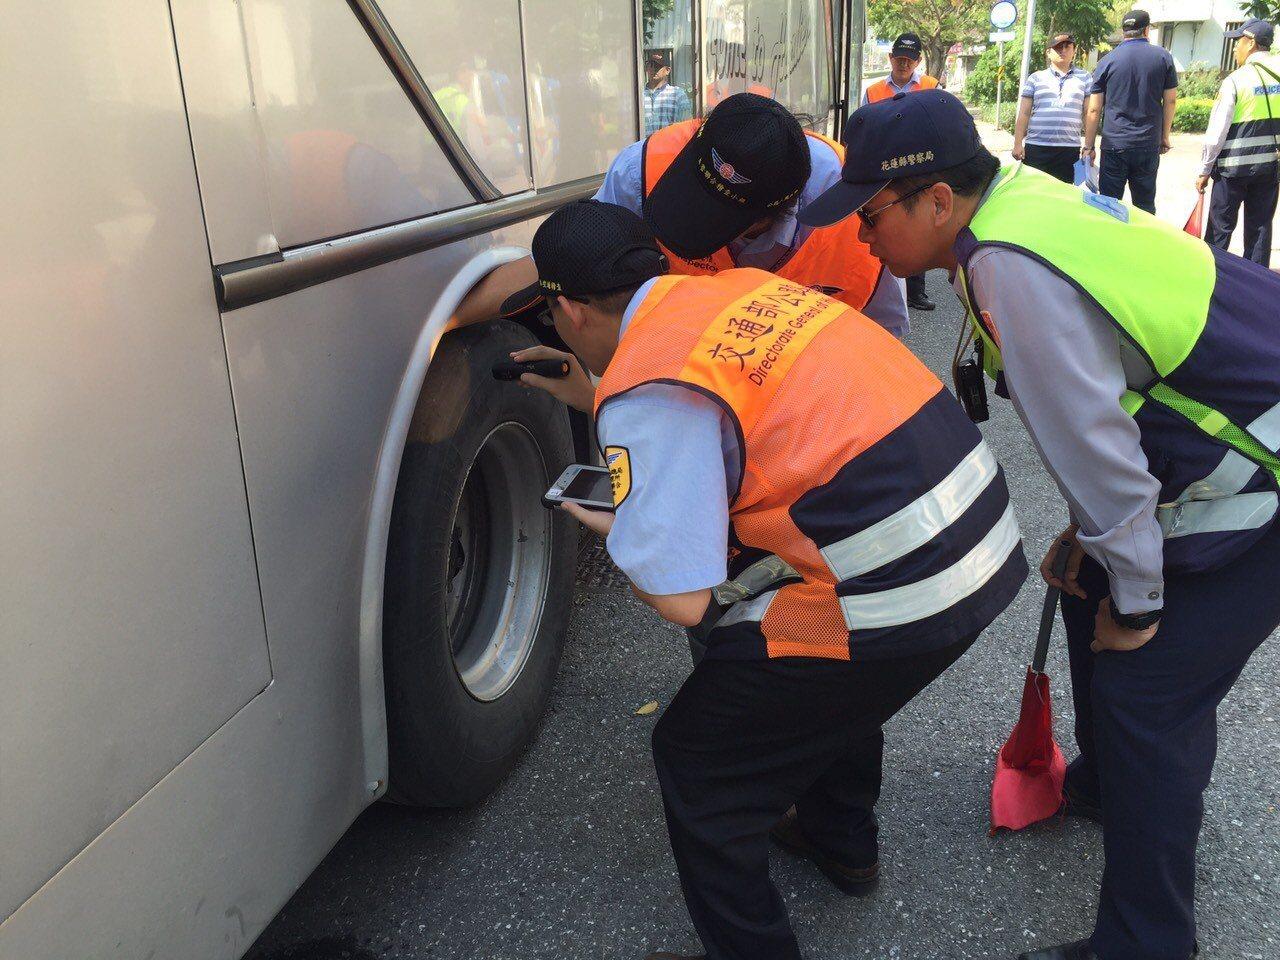 針對遊覽車進行車輛安全管理,確保車輛之安全性。圖/交通部觀光局提供